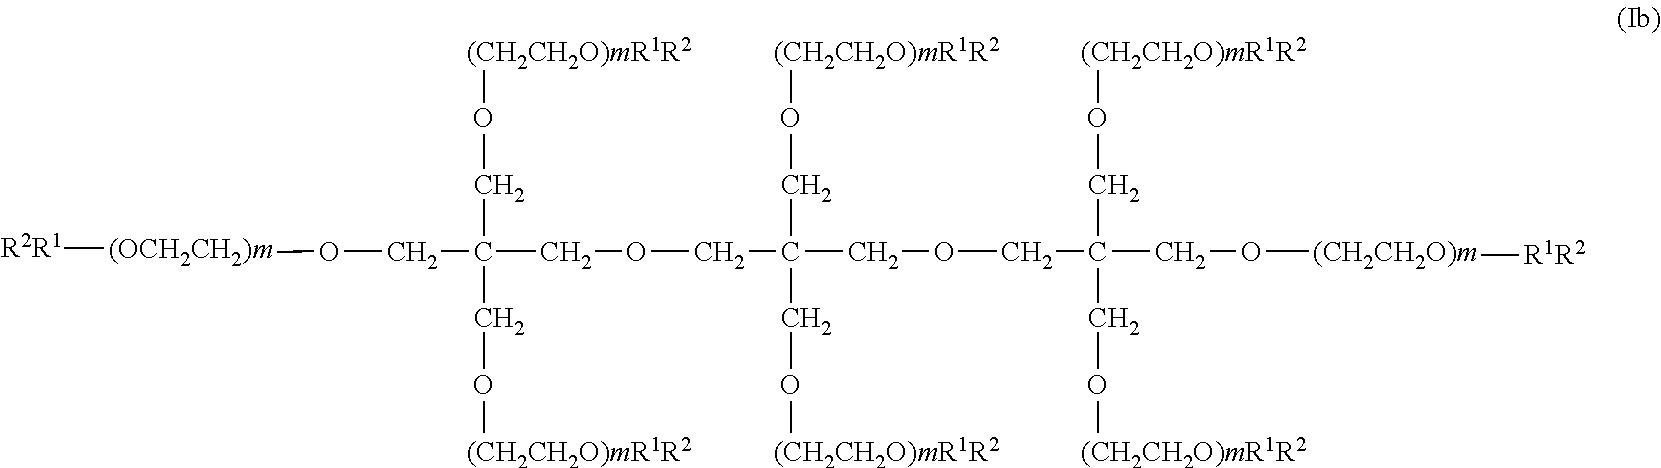 Figure US20170145112A1-20170525-C00002